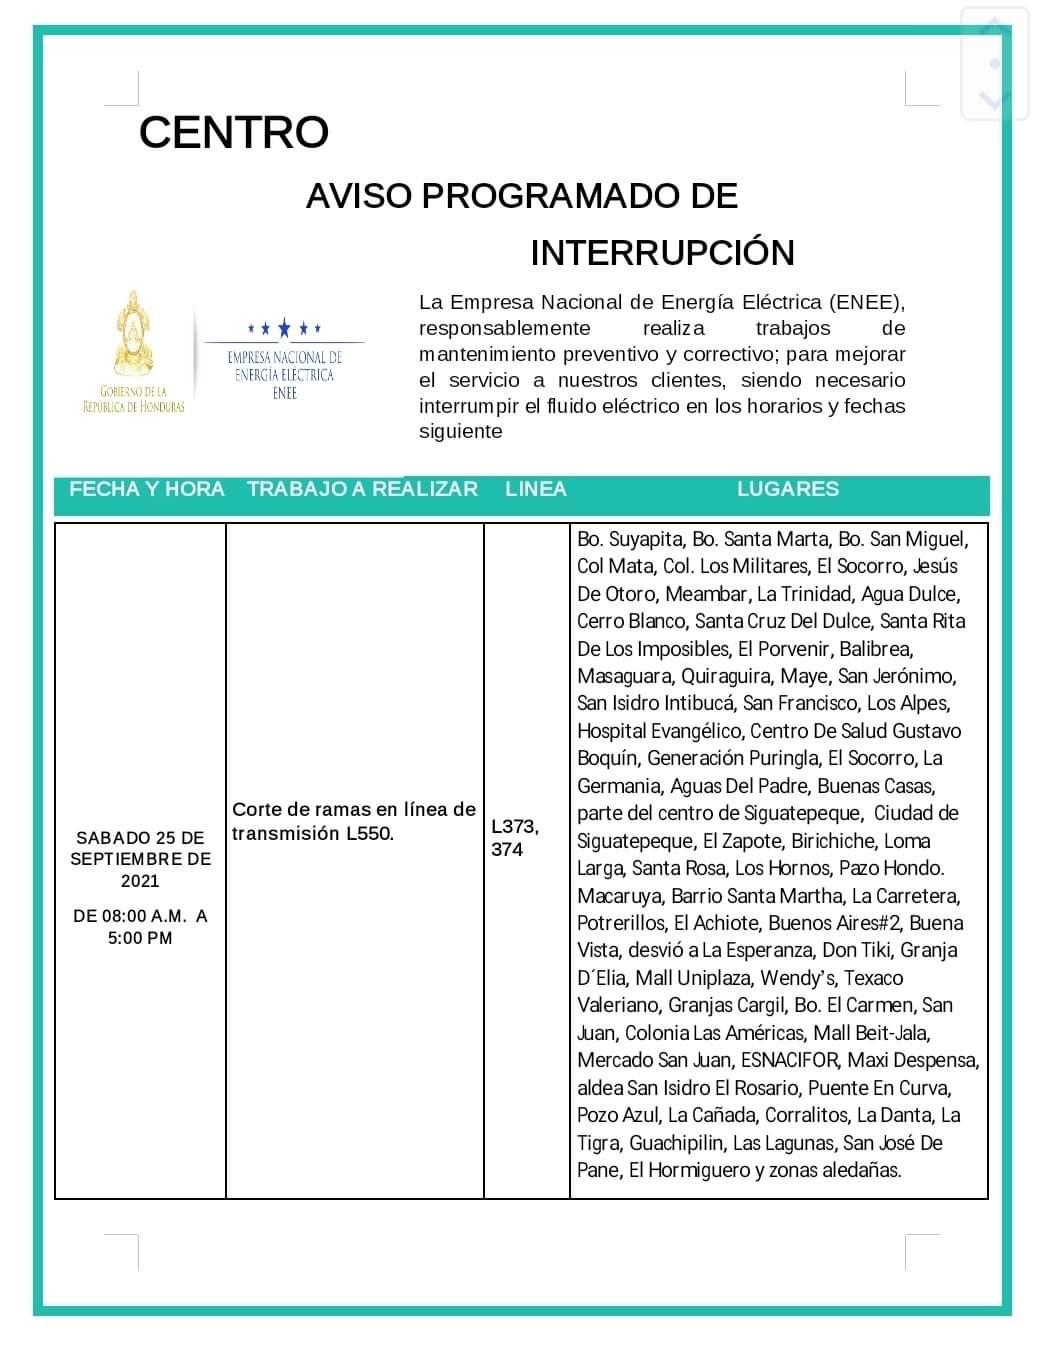 Cortes eléctricos este sábado en Honduras.